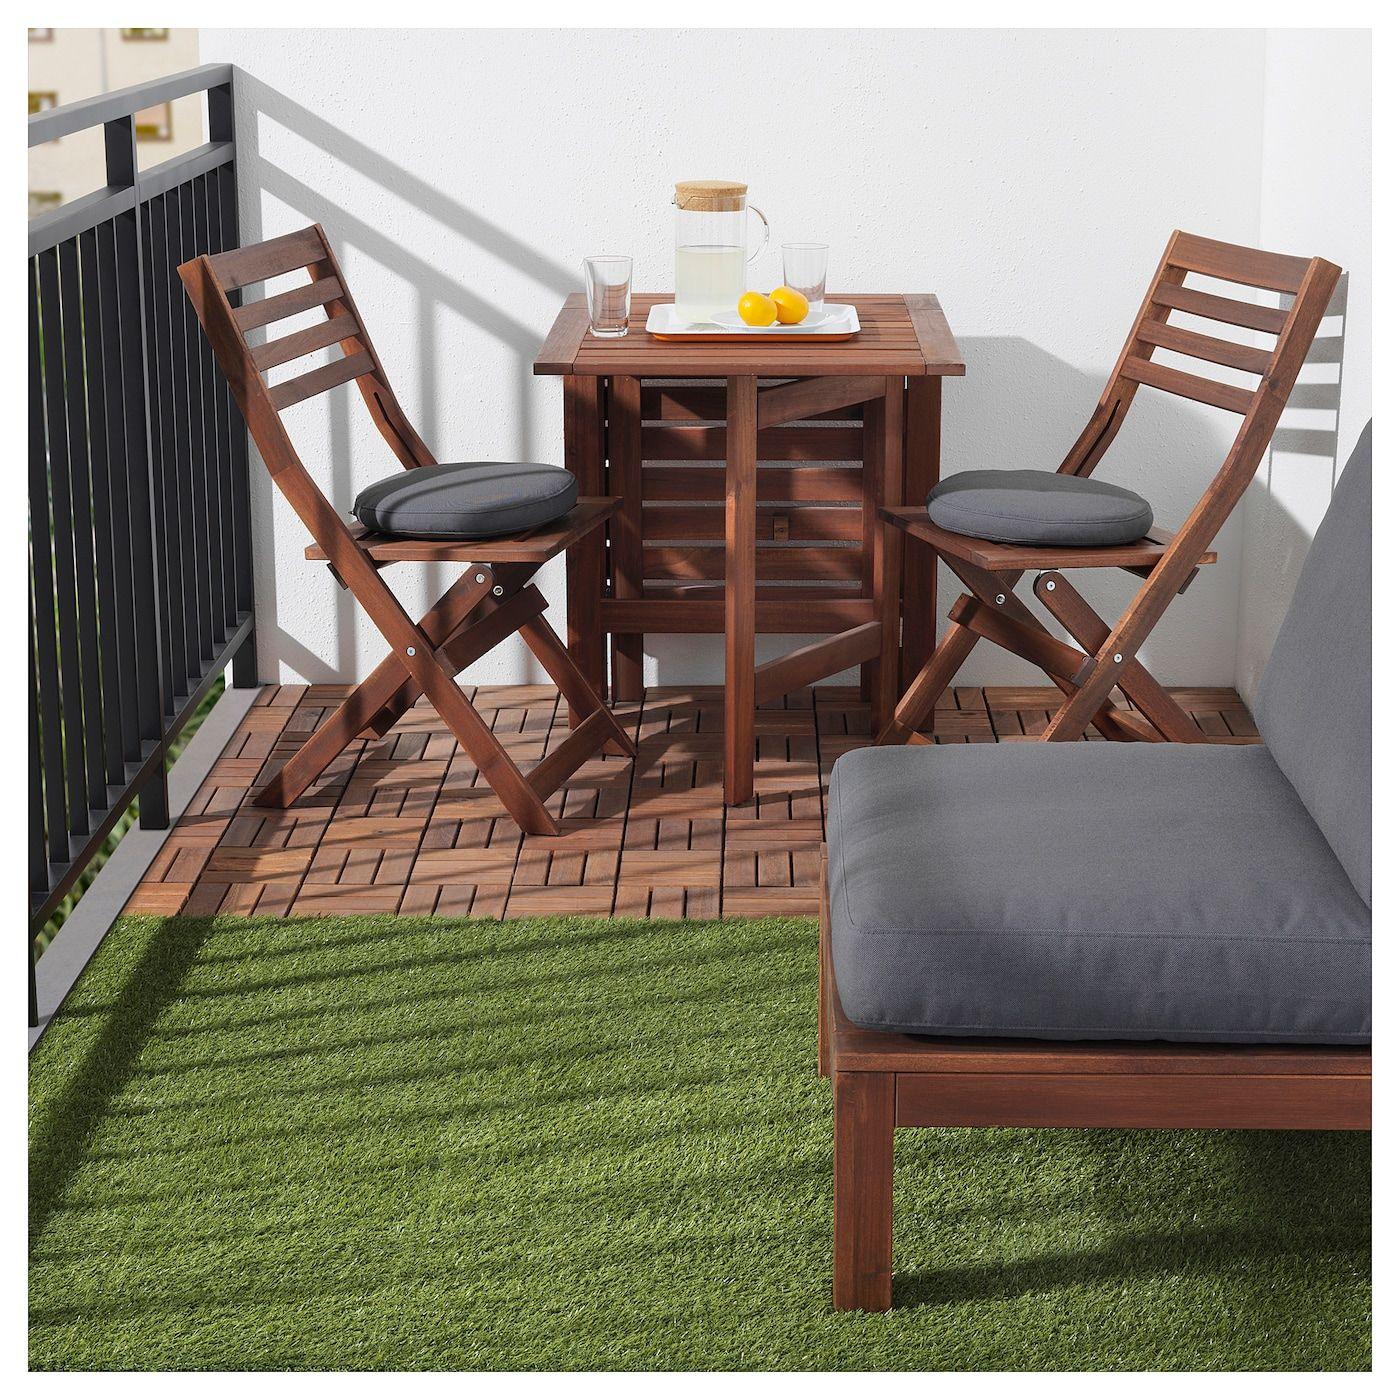 IKEA RUNNEN Artificial Grass Decking, outdoor in 2020